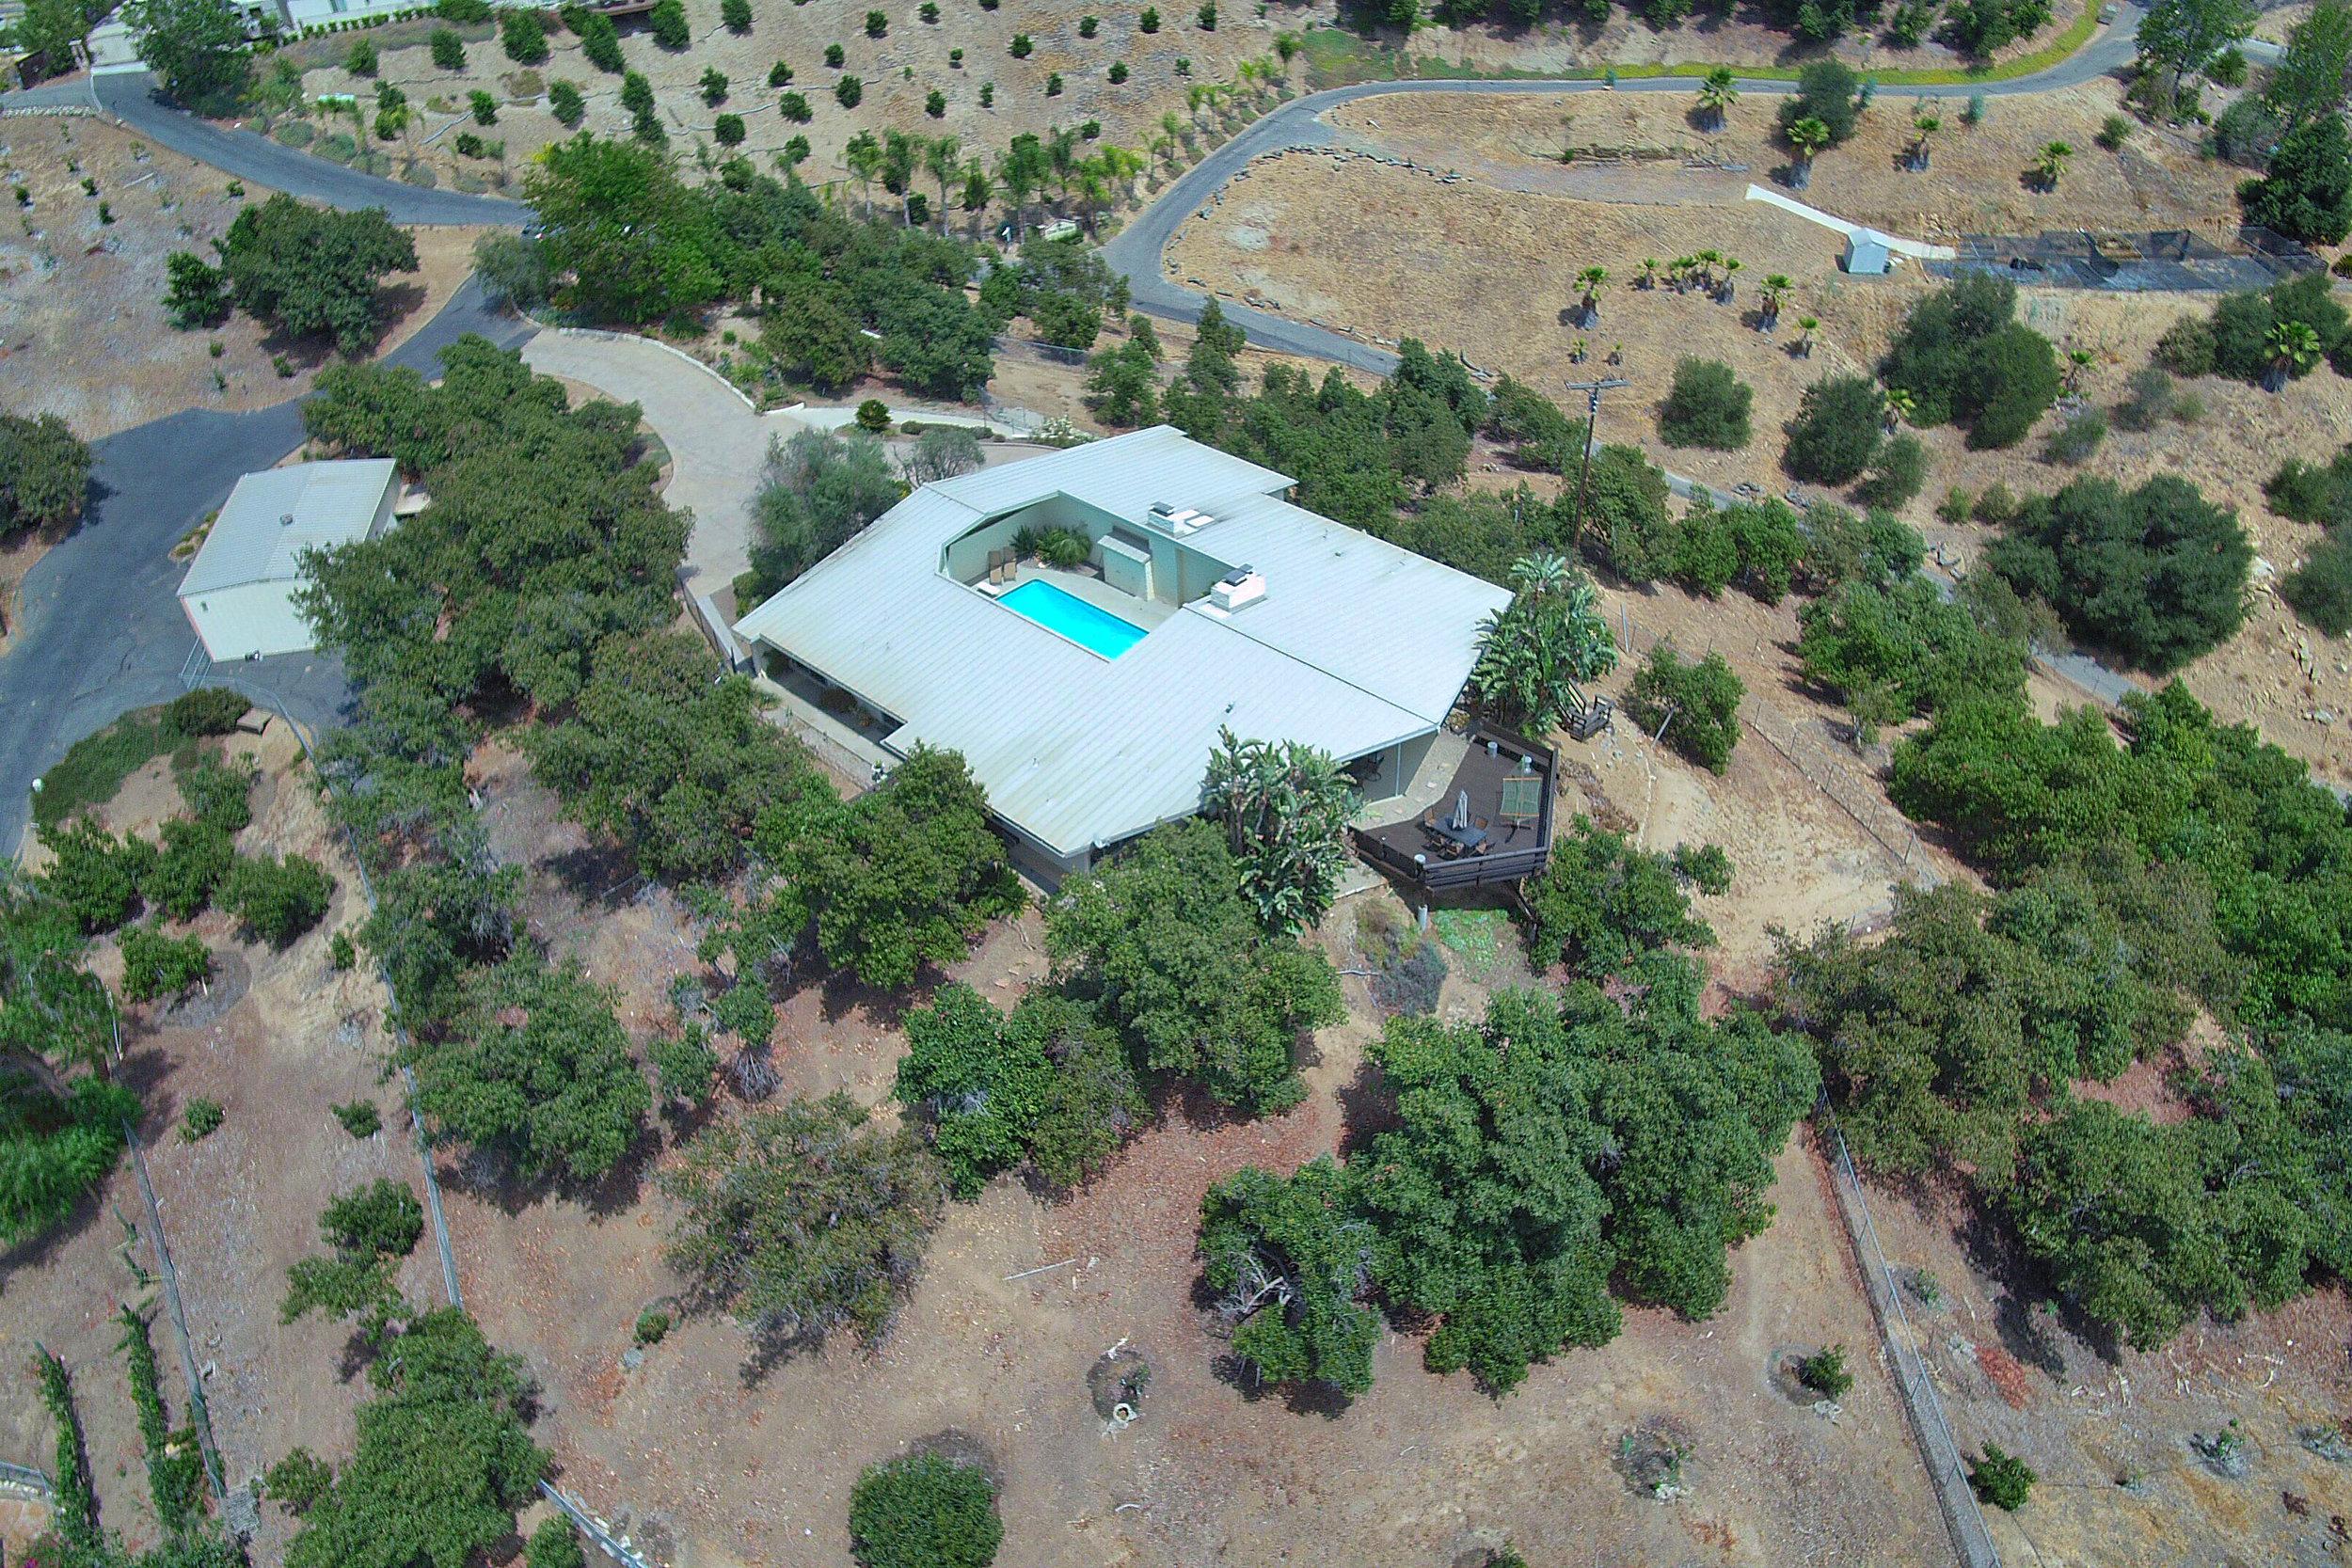 043_Aerial Top View - Copy.jpg